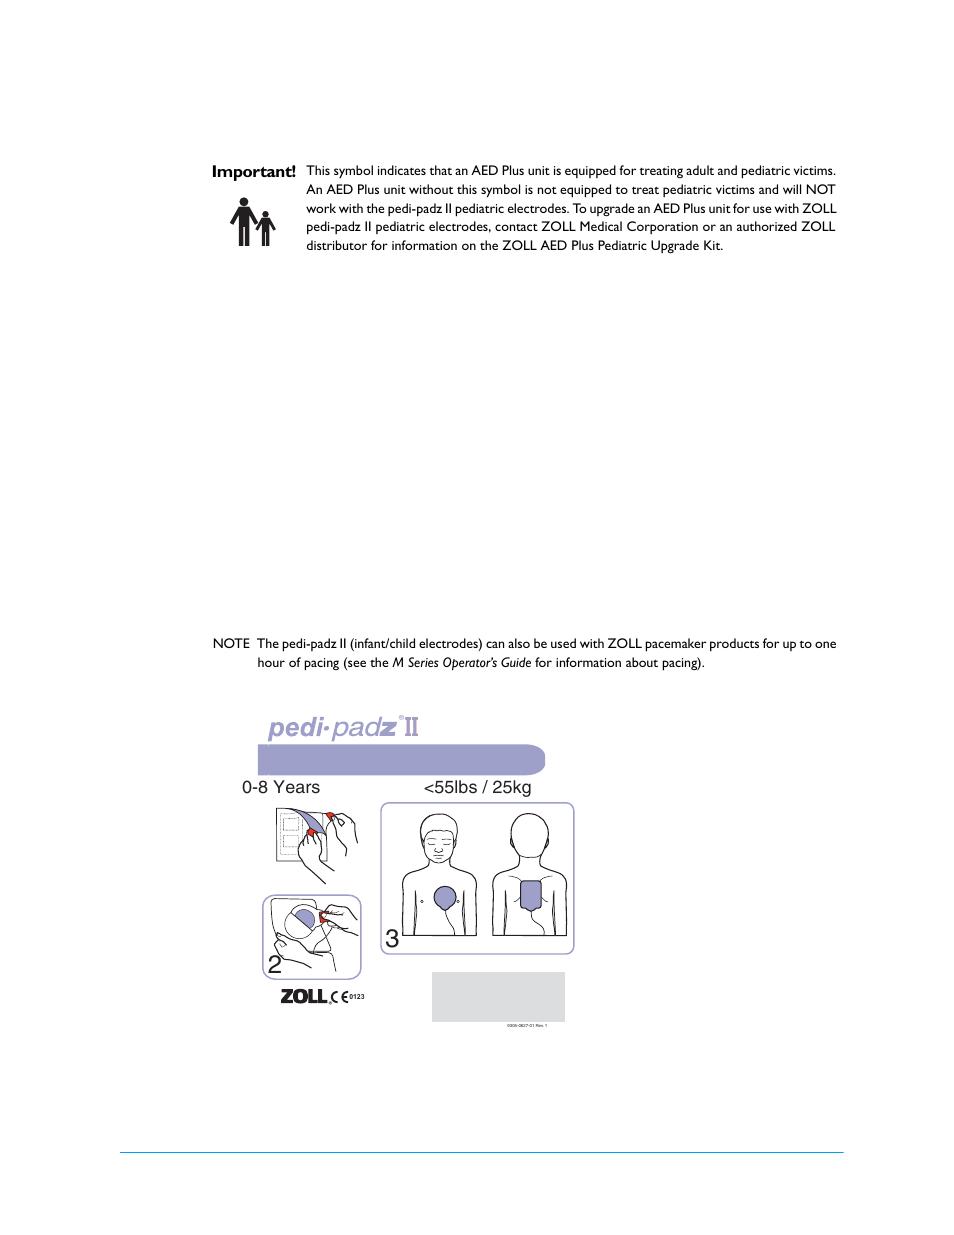 Applying pedi •pad z ii (infant/child electrodes), Infant